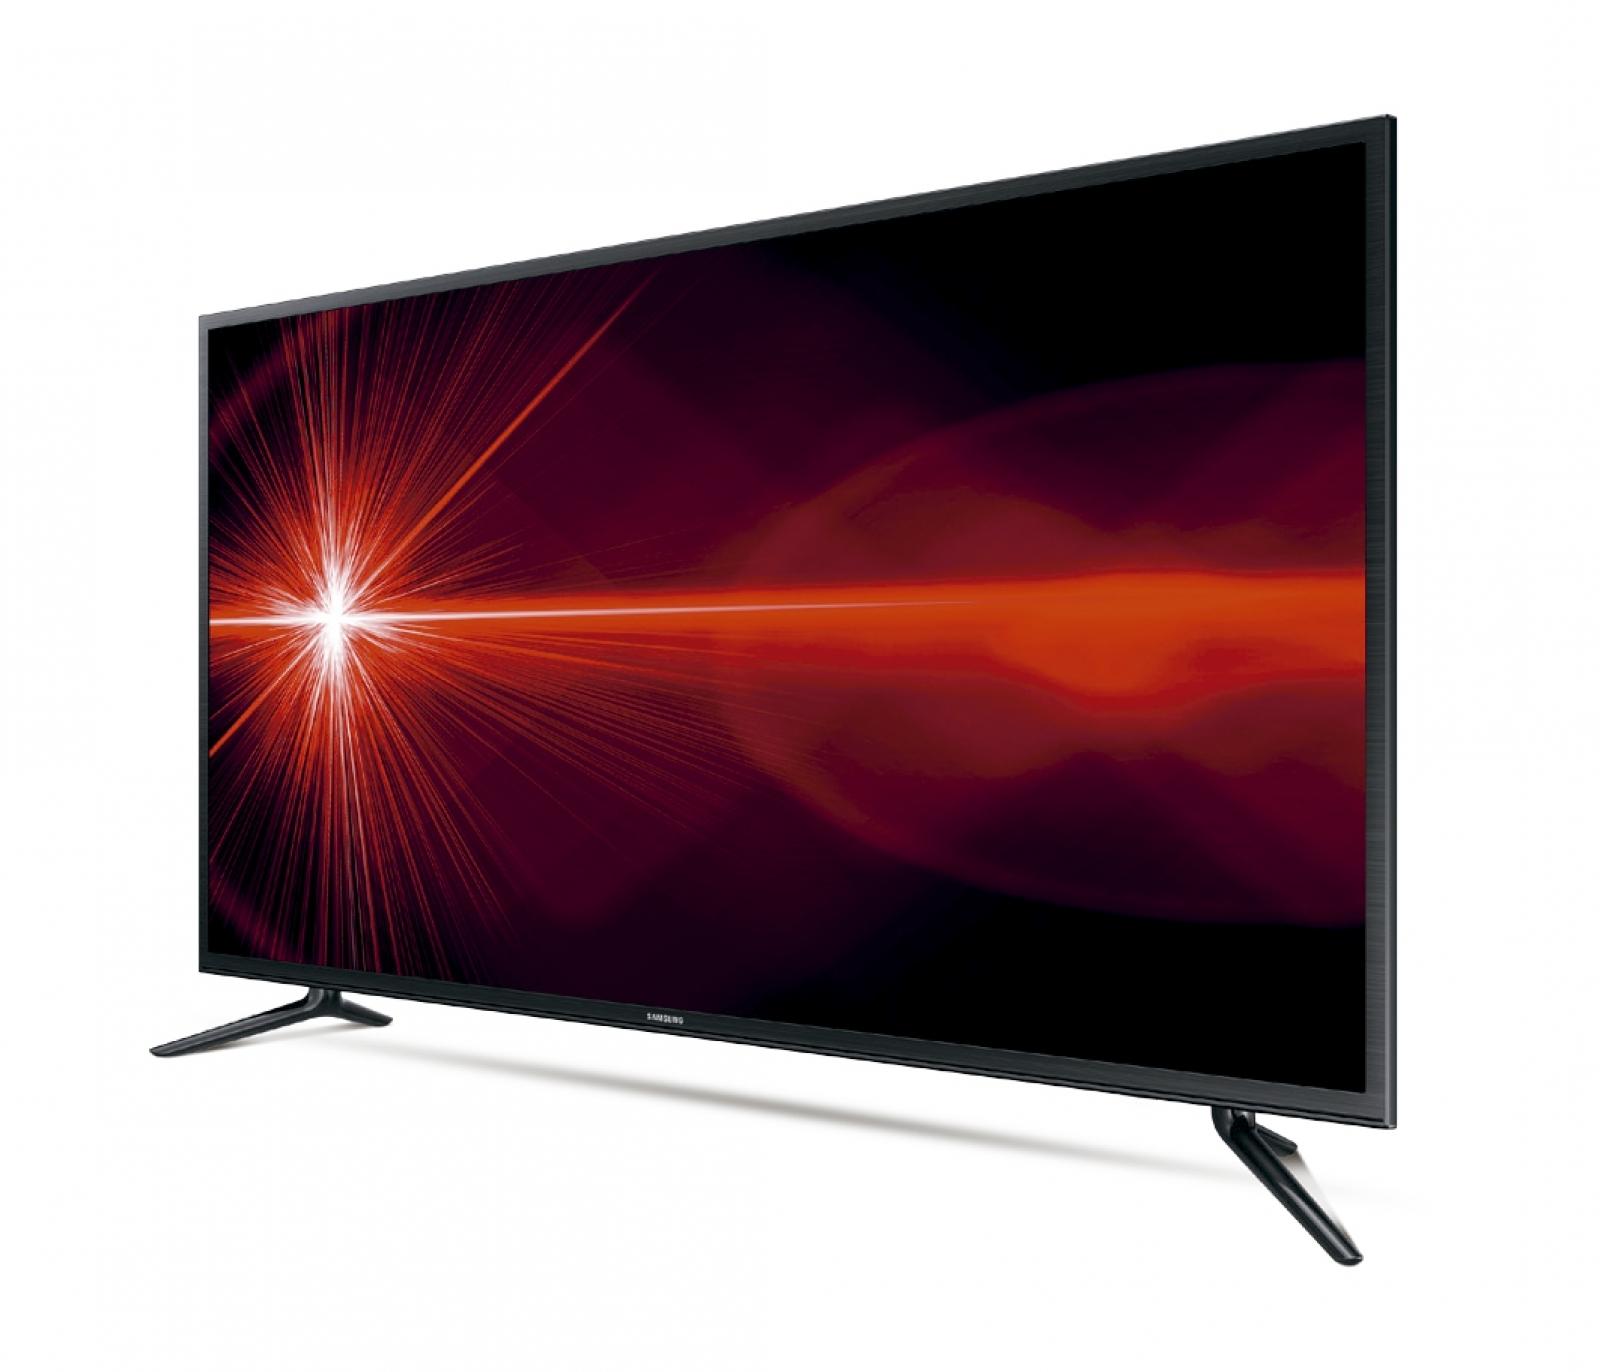 televisor led smart samsung led 48 ju6000 back to. Black Bedroom Furniture Sets. Home Design Ideas